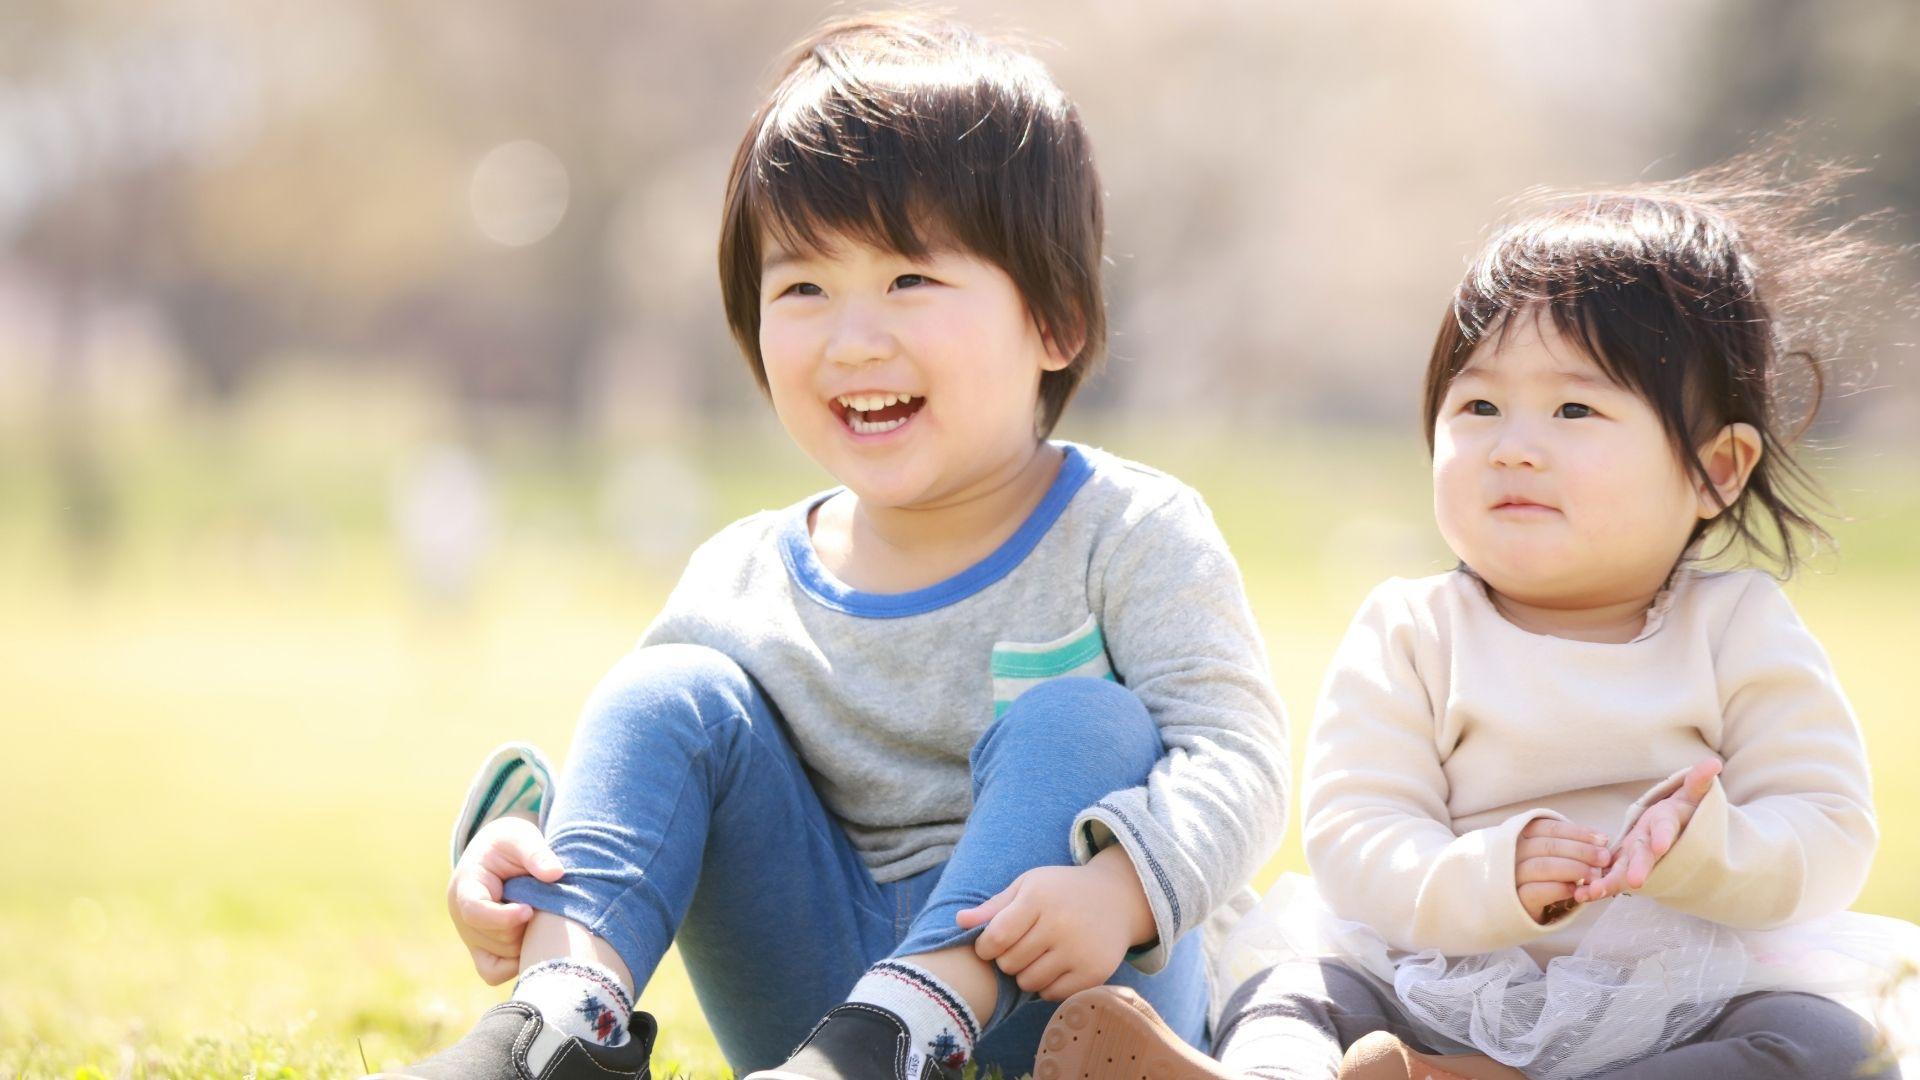 當子女犯錯時你會如何處理? 兒童心理學家6招教出負責任的孩子12